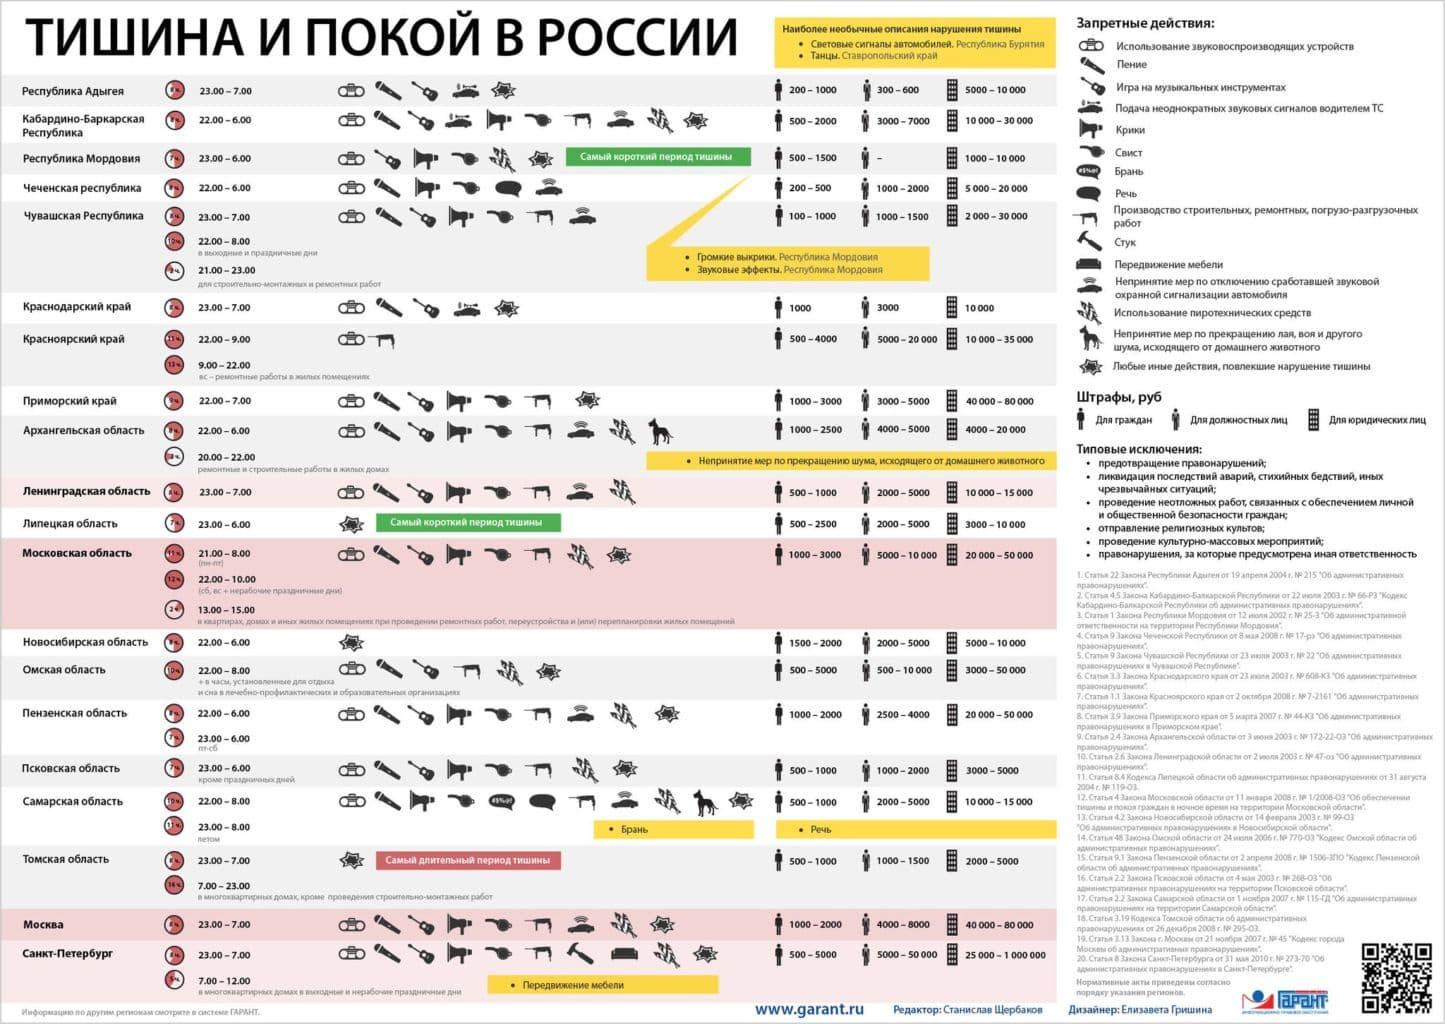 Закон о тишине во всех регионах РФ